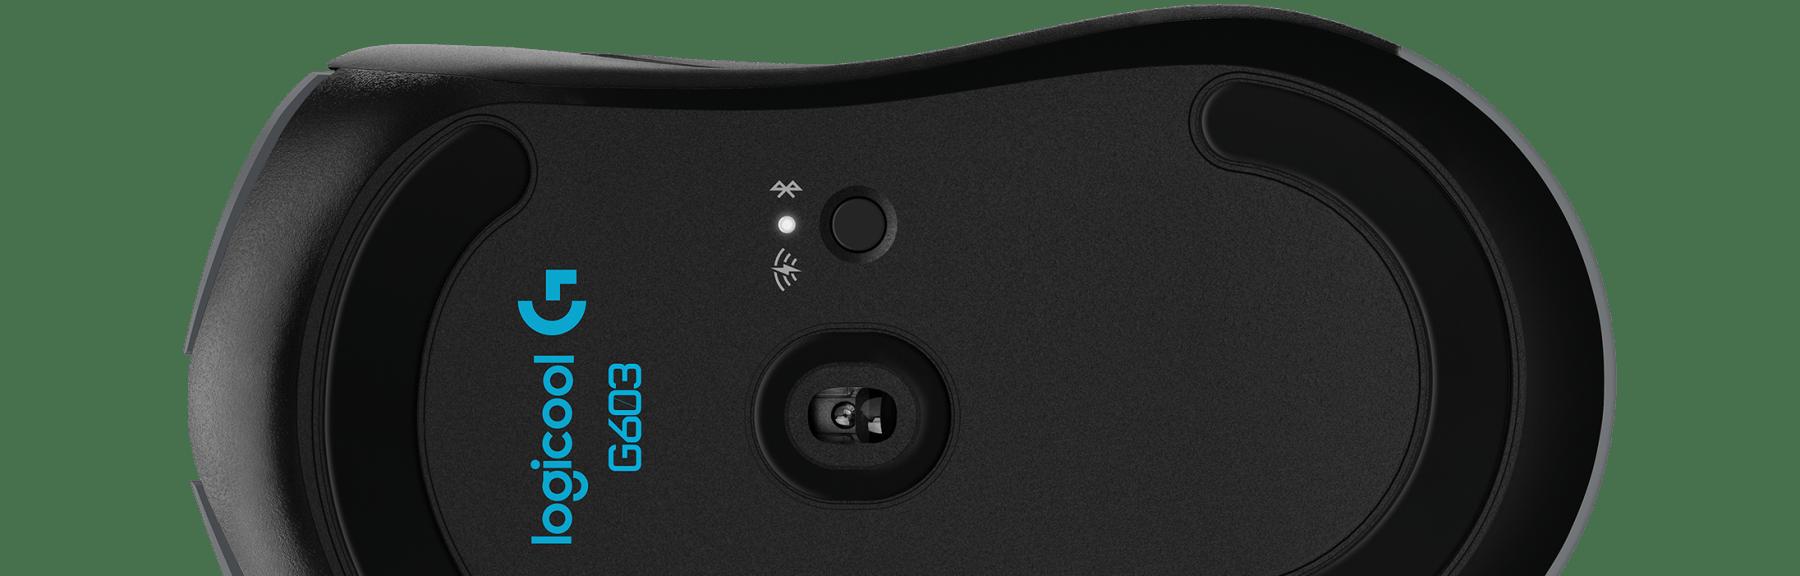 G603 Lightspeedワイヤレス ゲーミング マウスの電池駆動時間